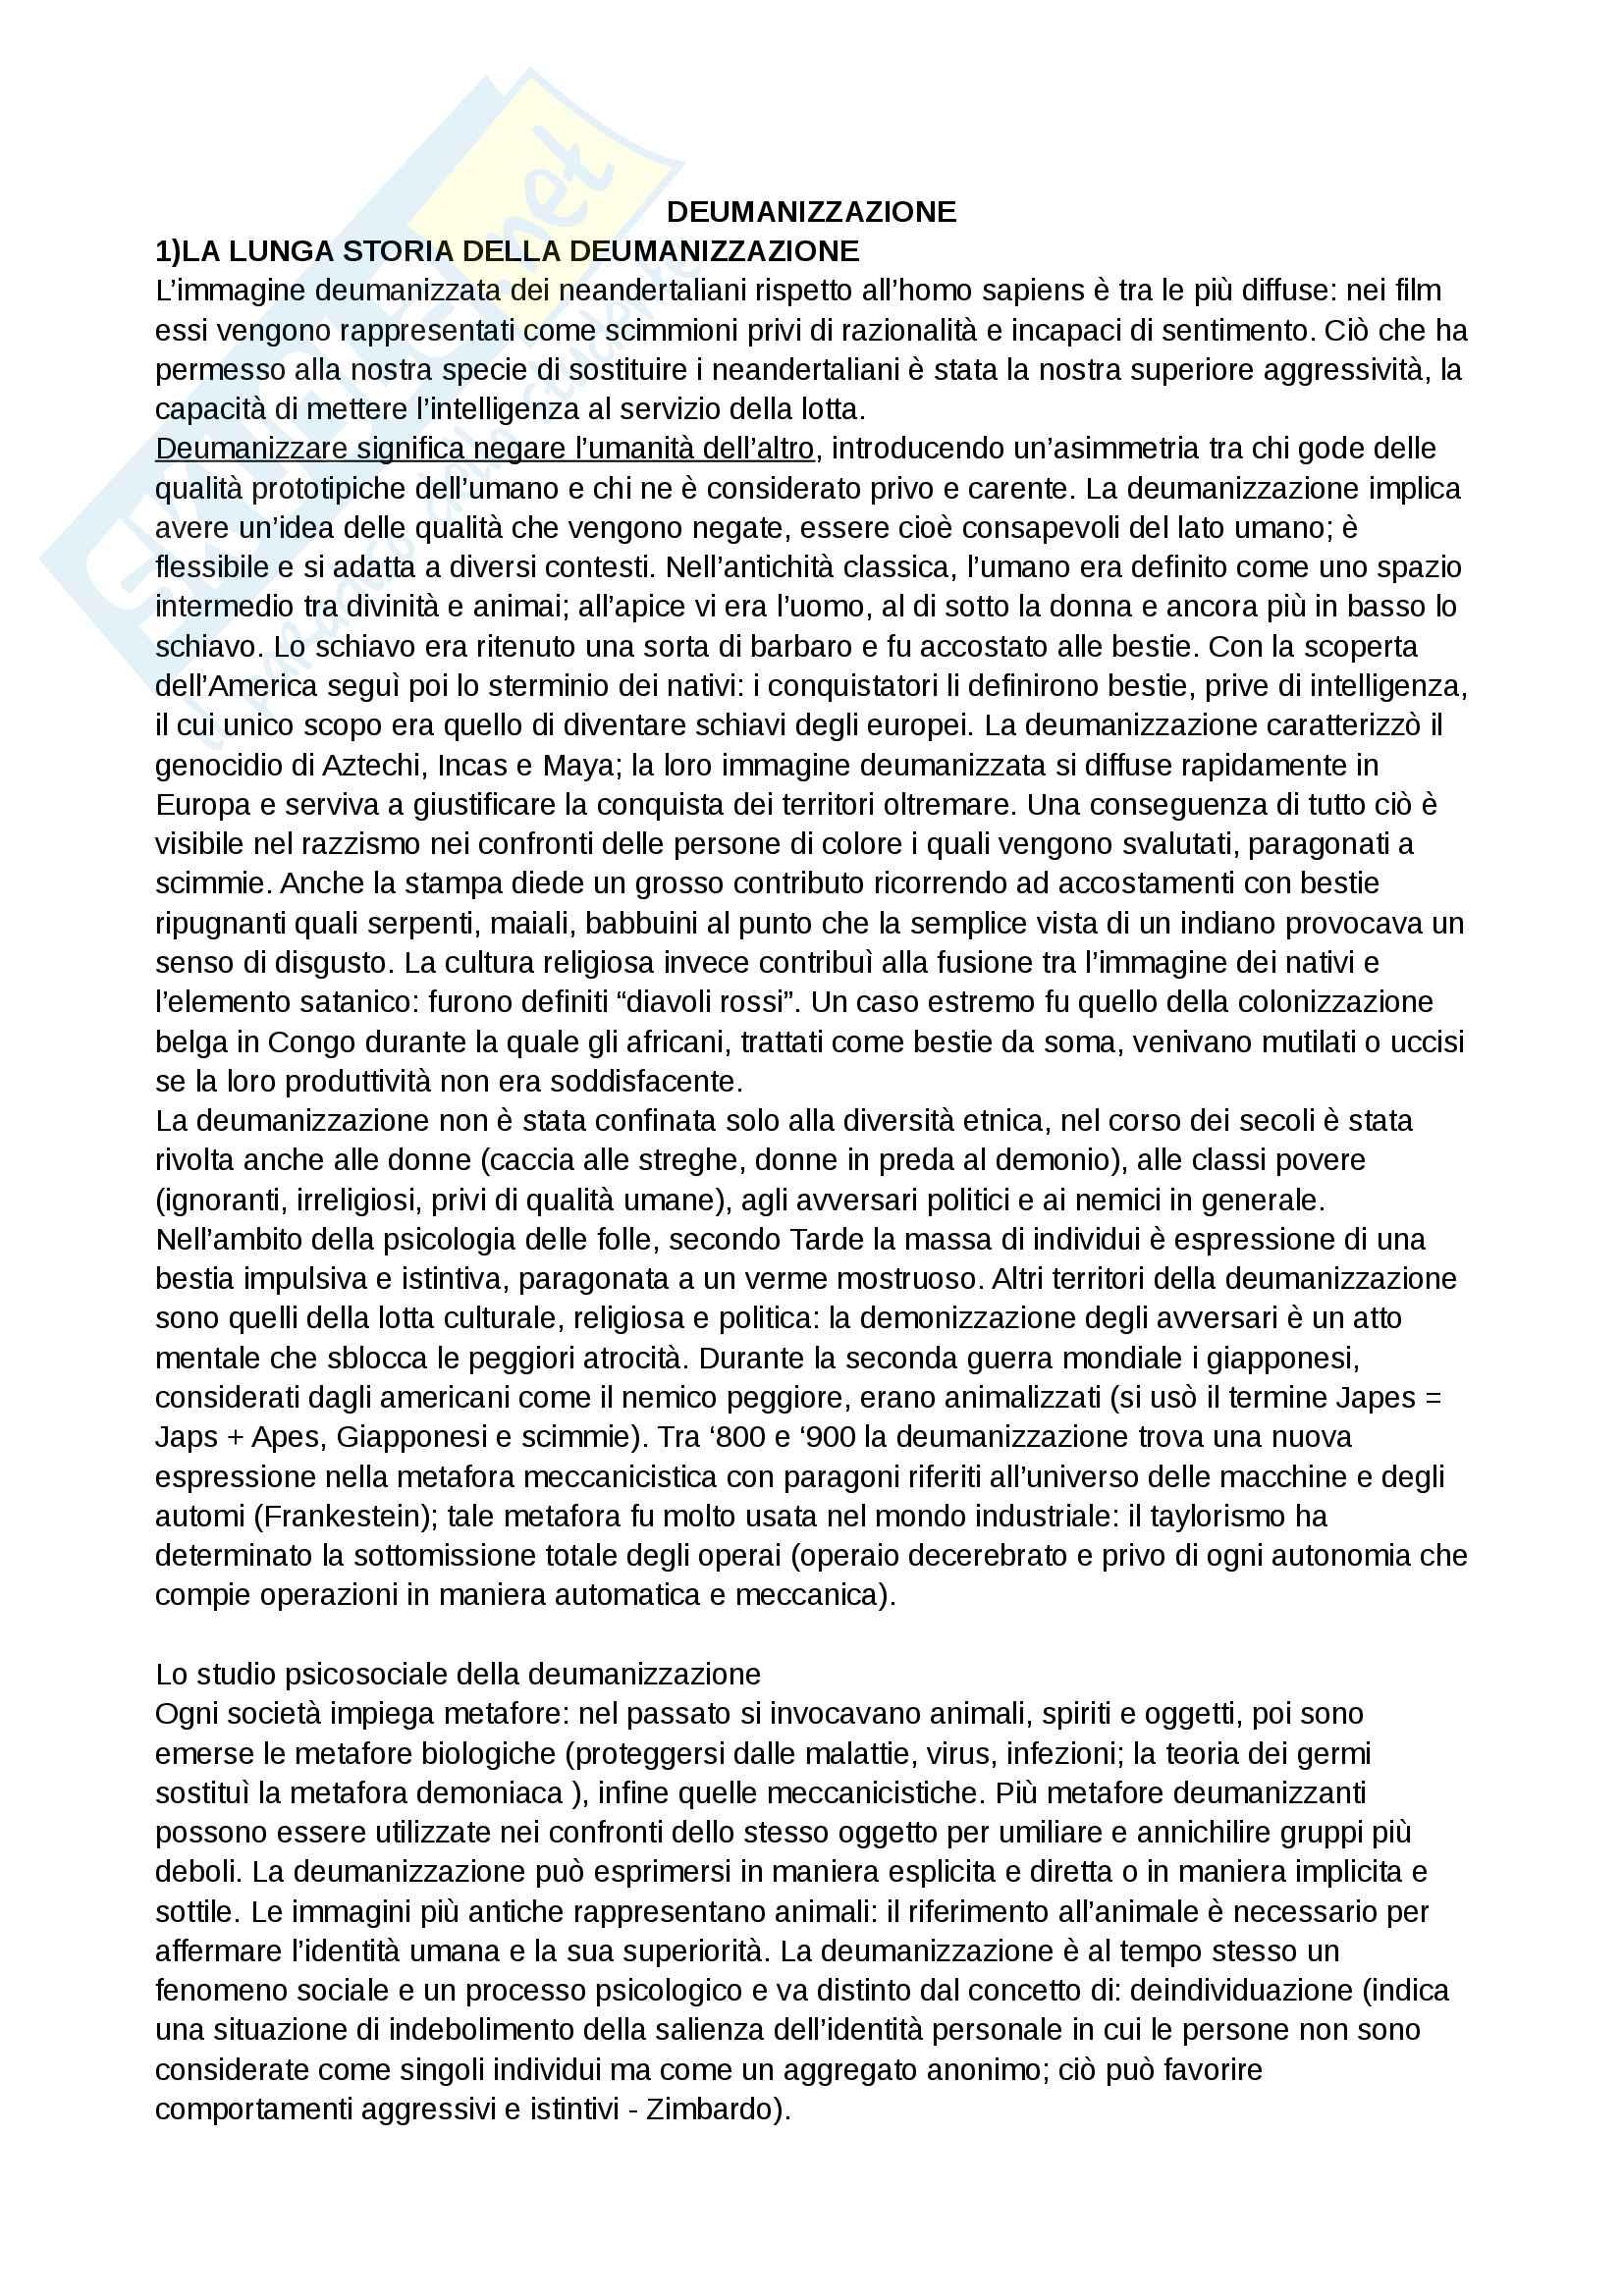 Riassunto esame e Appunti di Psicologia delle influenze sociali per l'esame della Prof. Volpato, libro consigliato: Deumanizzazione, Volpato